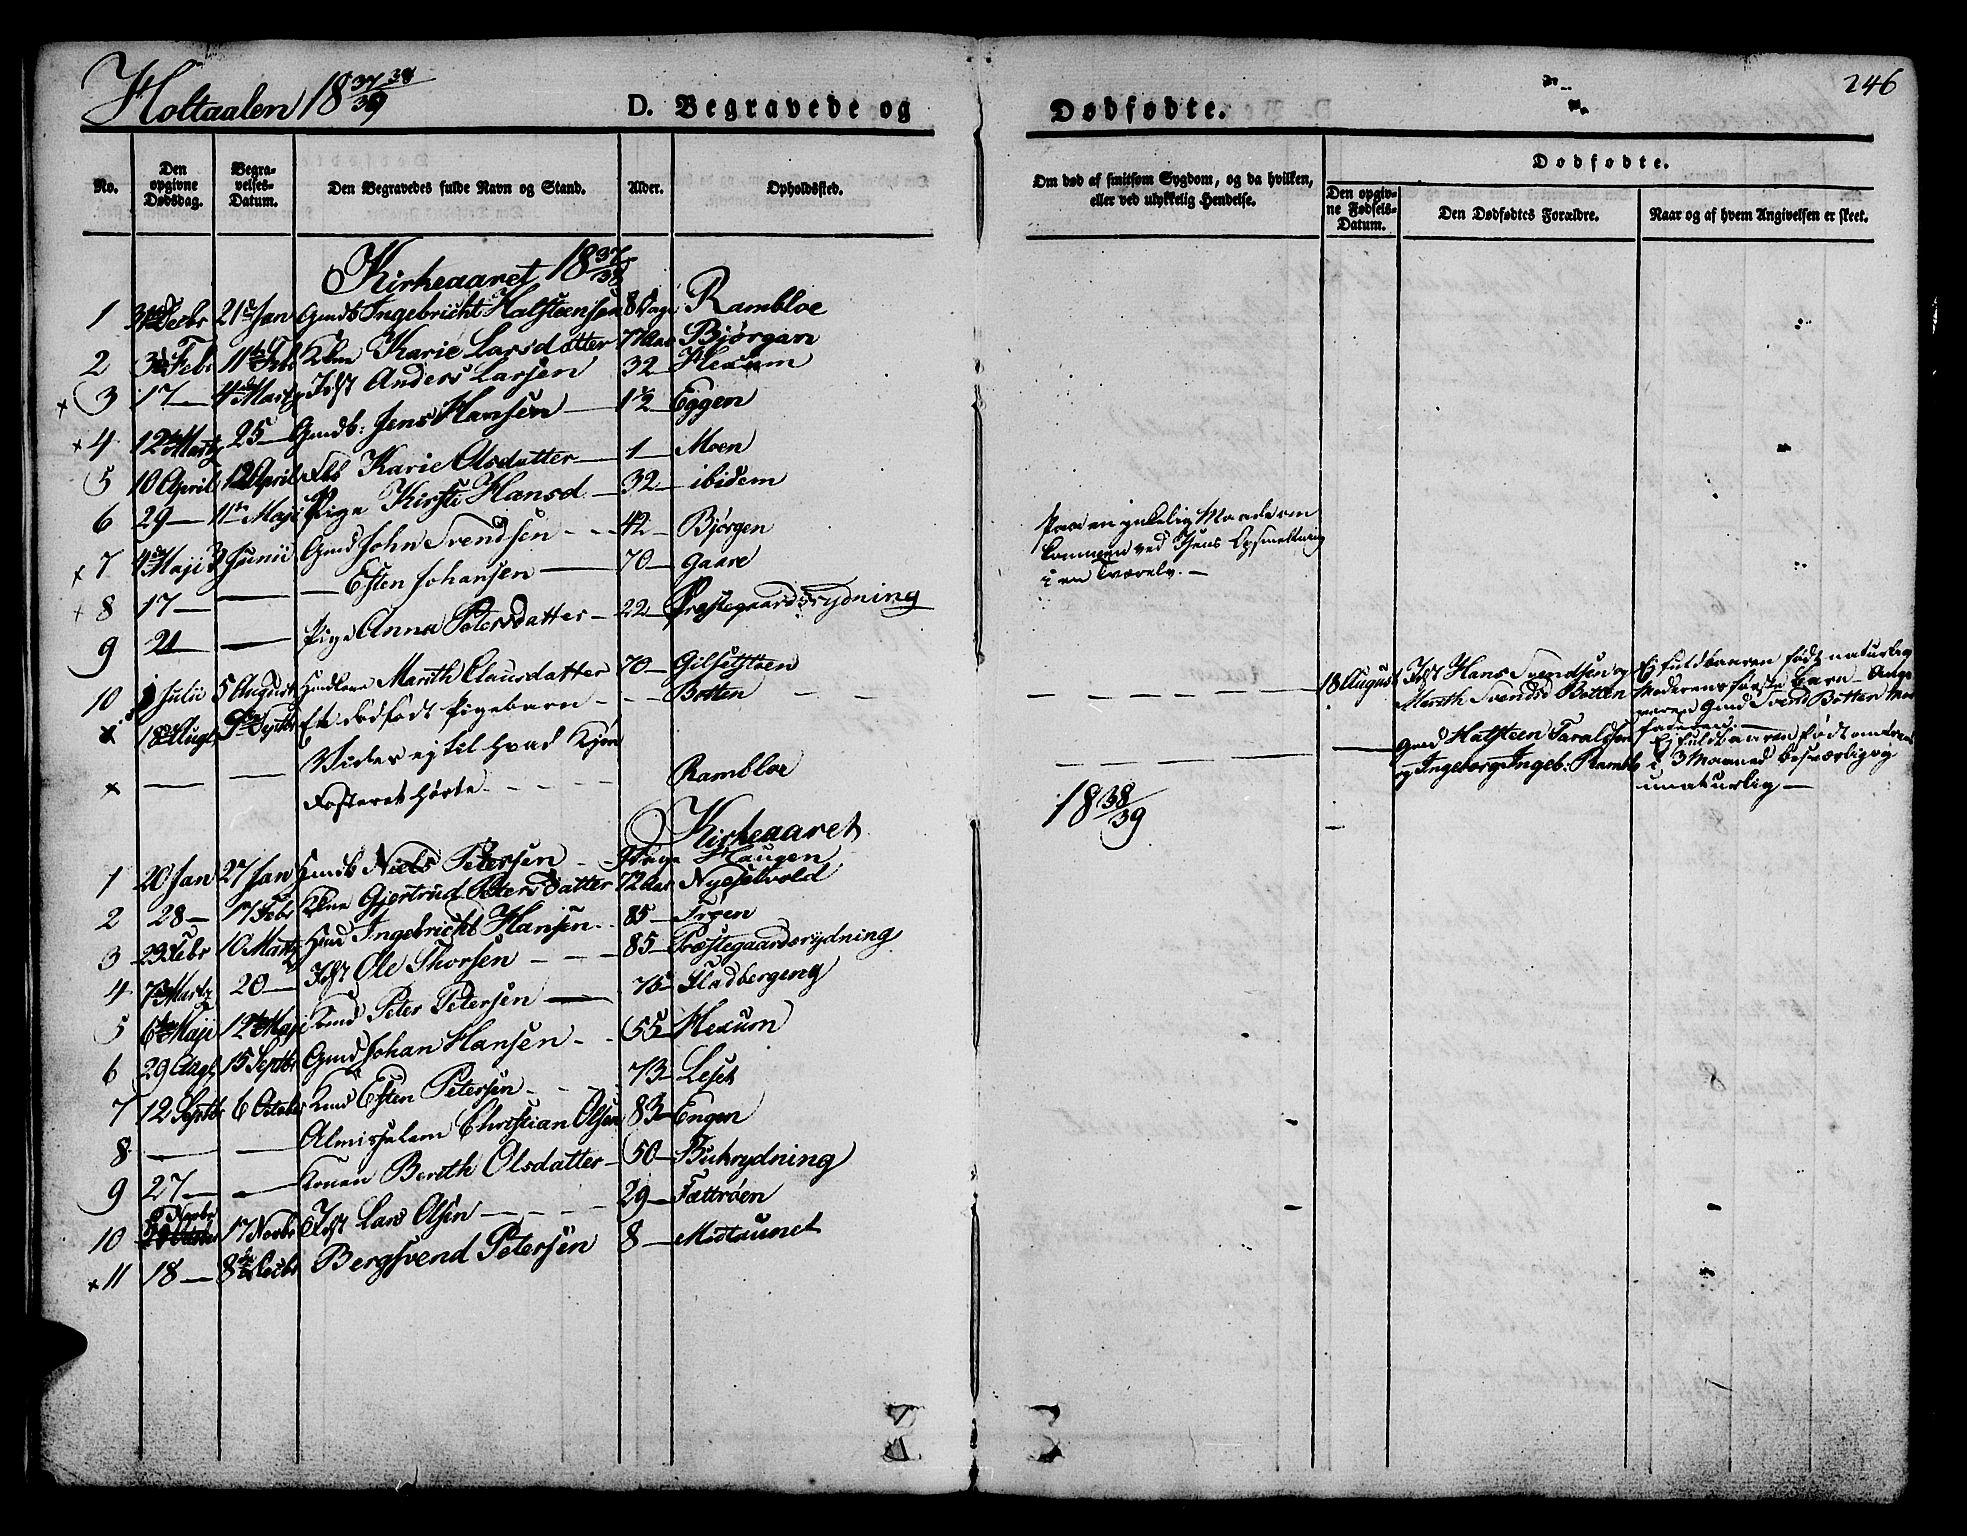 SAT, Ministerialprotokoller, klokkerbøker og fødselsregistre - Sør-Trøndelag, 685/L0960: Ministerialbok nr. 685A05 /1, 1829-1845, s. 246